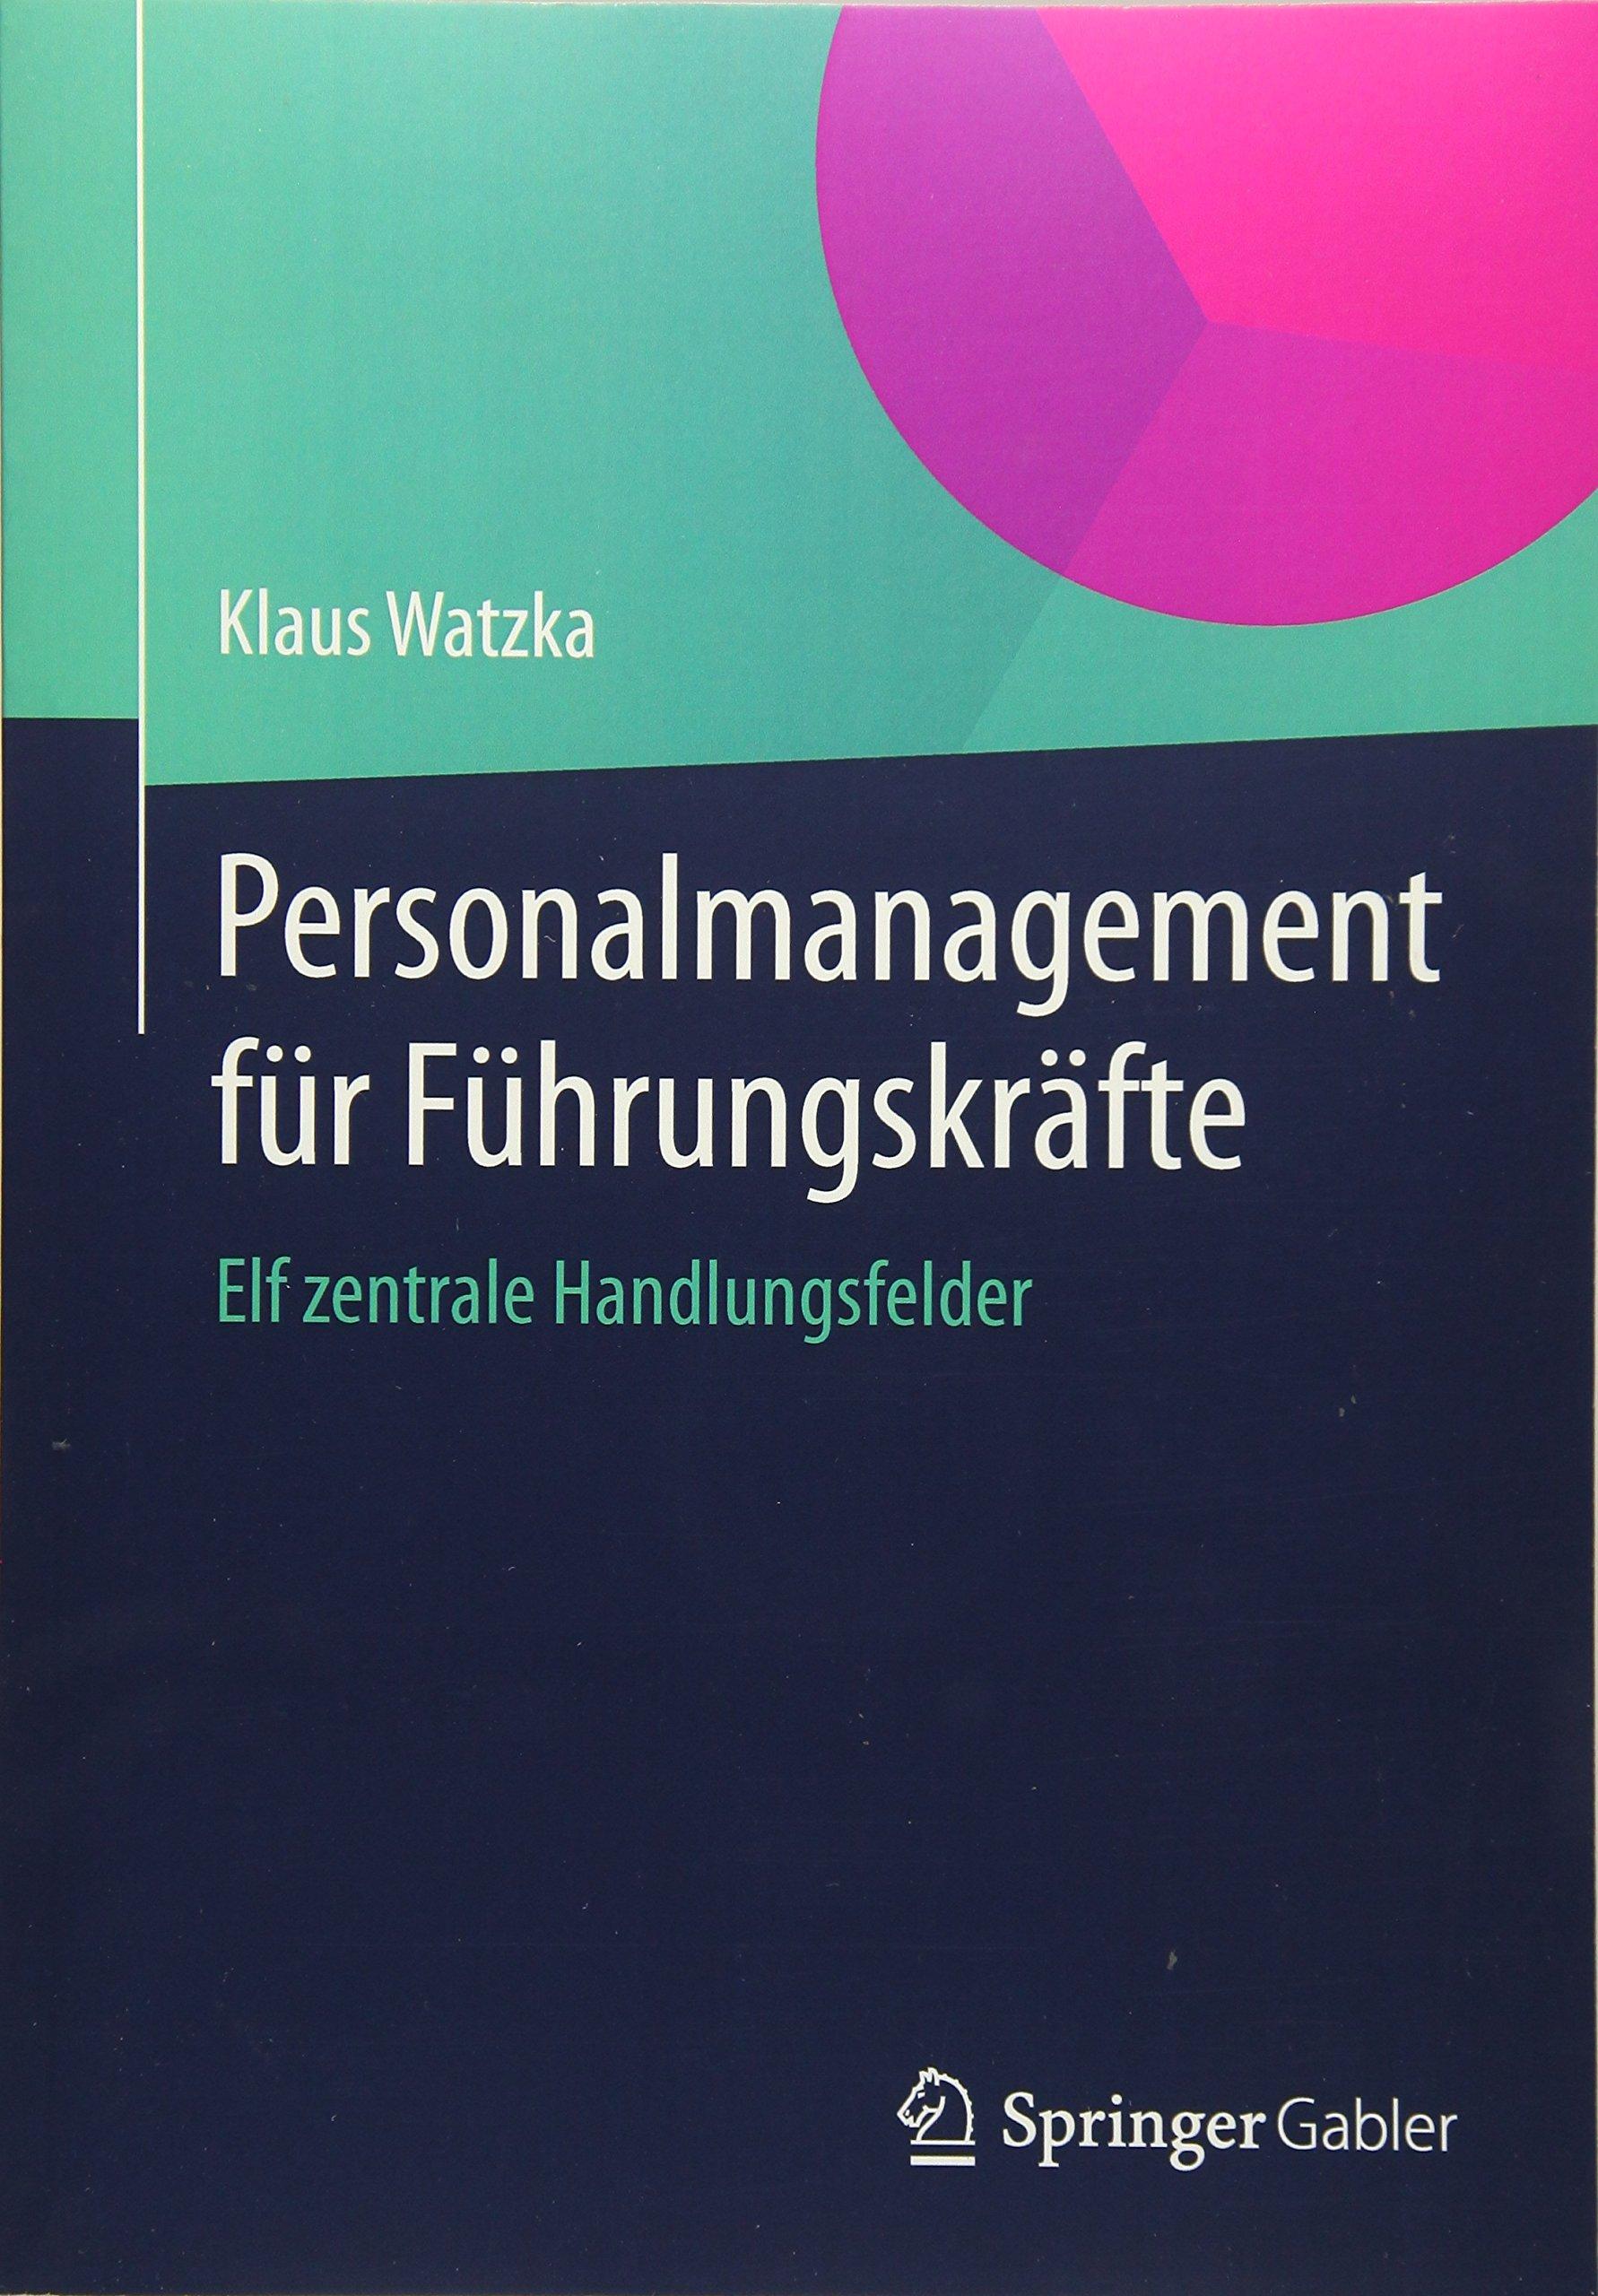 Personalmanagement für Führungskräfte: Elf zentrale Handlungsfelder